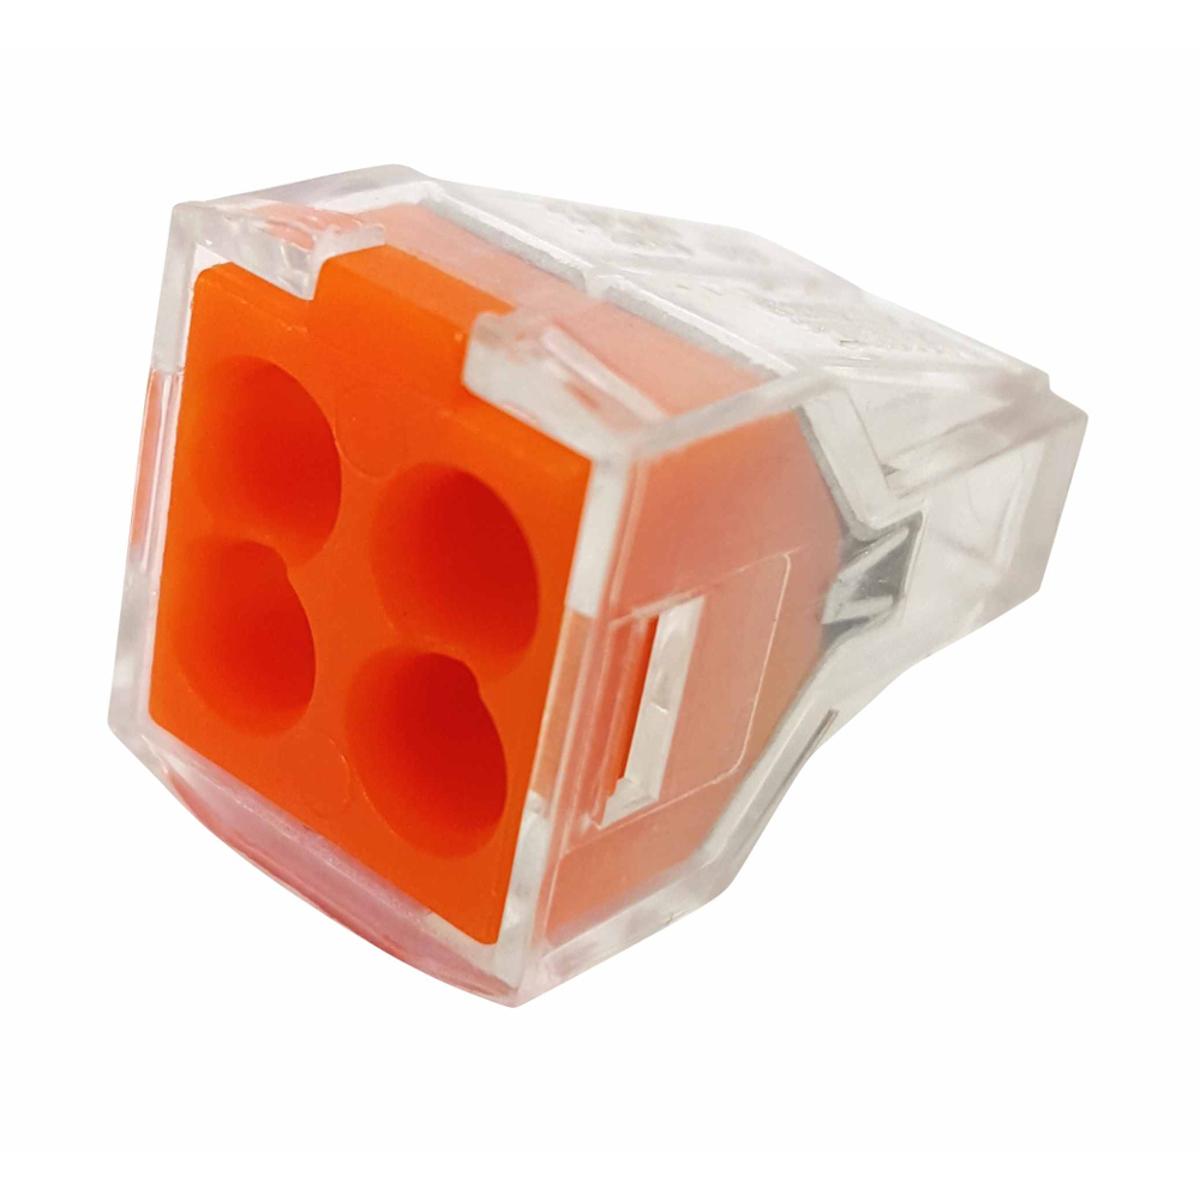 Клемма строительно-монтажная Blox КБМ, 4x2,5 мм2, 10 штЭТ.120015Строительно-монтажные клеммы КБМ (клеммы быстрого монтажа) применяются для соединения и ответвления одножильных медных и алюминиевых проводов или многожильных медных проводов с наконечником в электрических цепях переменного тока напряжением до 380В с частотой 50 Гц. Сечение: 2,5мм2 Количество проводников: 4 Тип провода: Медный одножильный провод; Медный многожильный провод Контактные группы: Однополярный